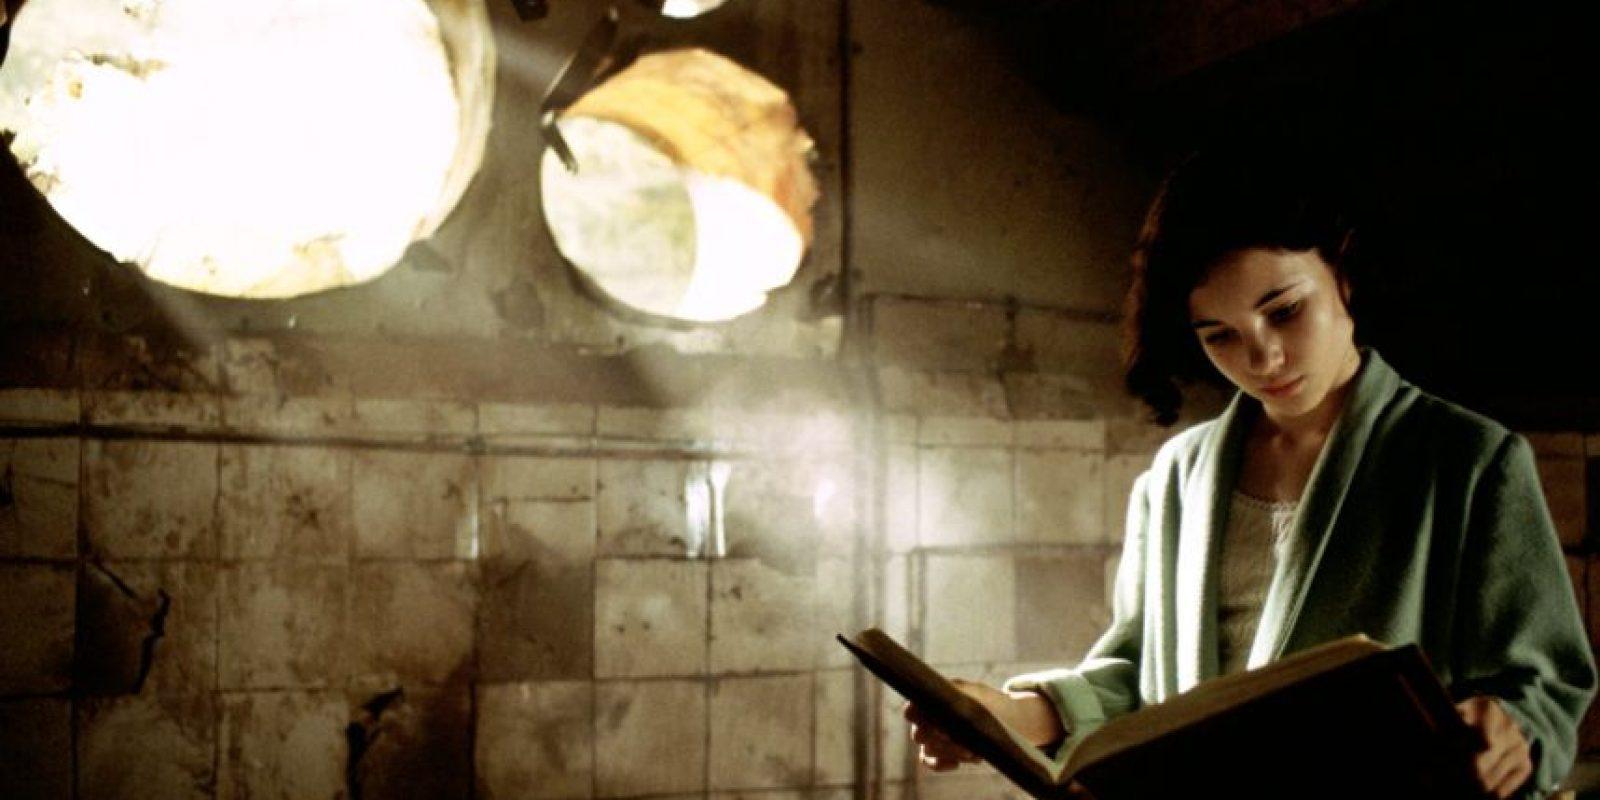 En la película estrenada en 2006 y dirigida por Guillermo del Toro, ella era hijastra de un cruel teniente español. Se encuentra con un fauno que le pone varias tareas para recuperar su lugar en su reino perdido. Foto:Warner Bros